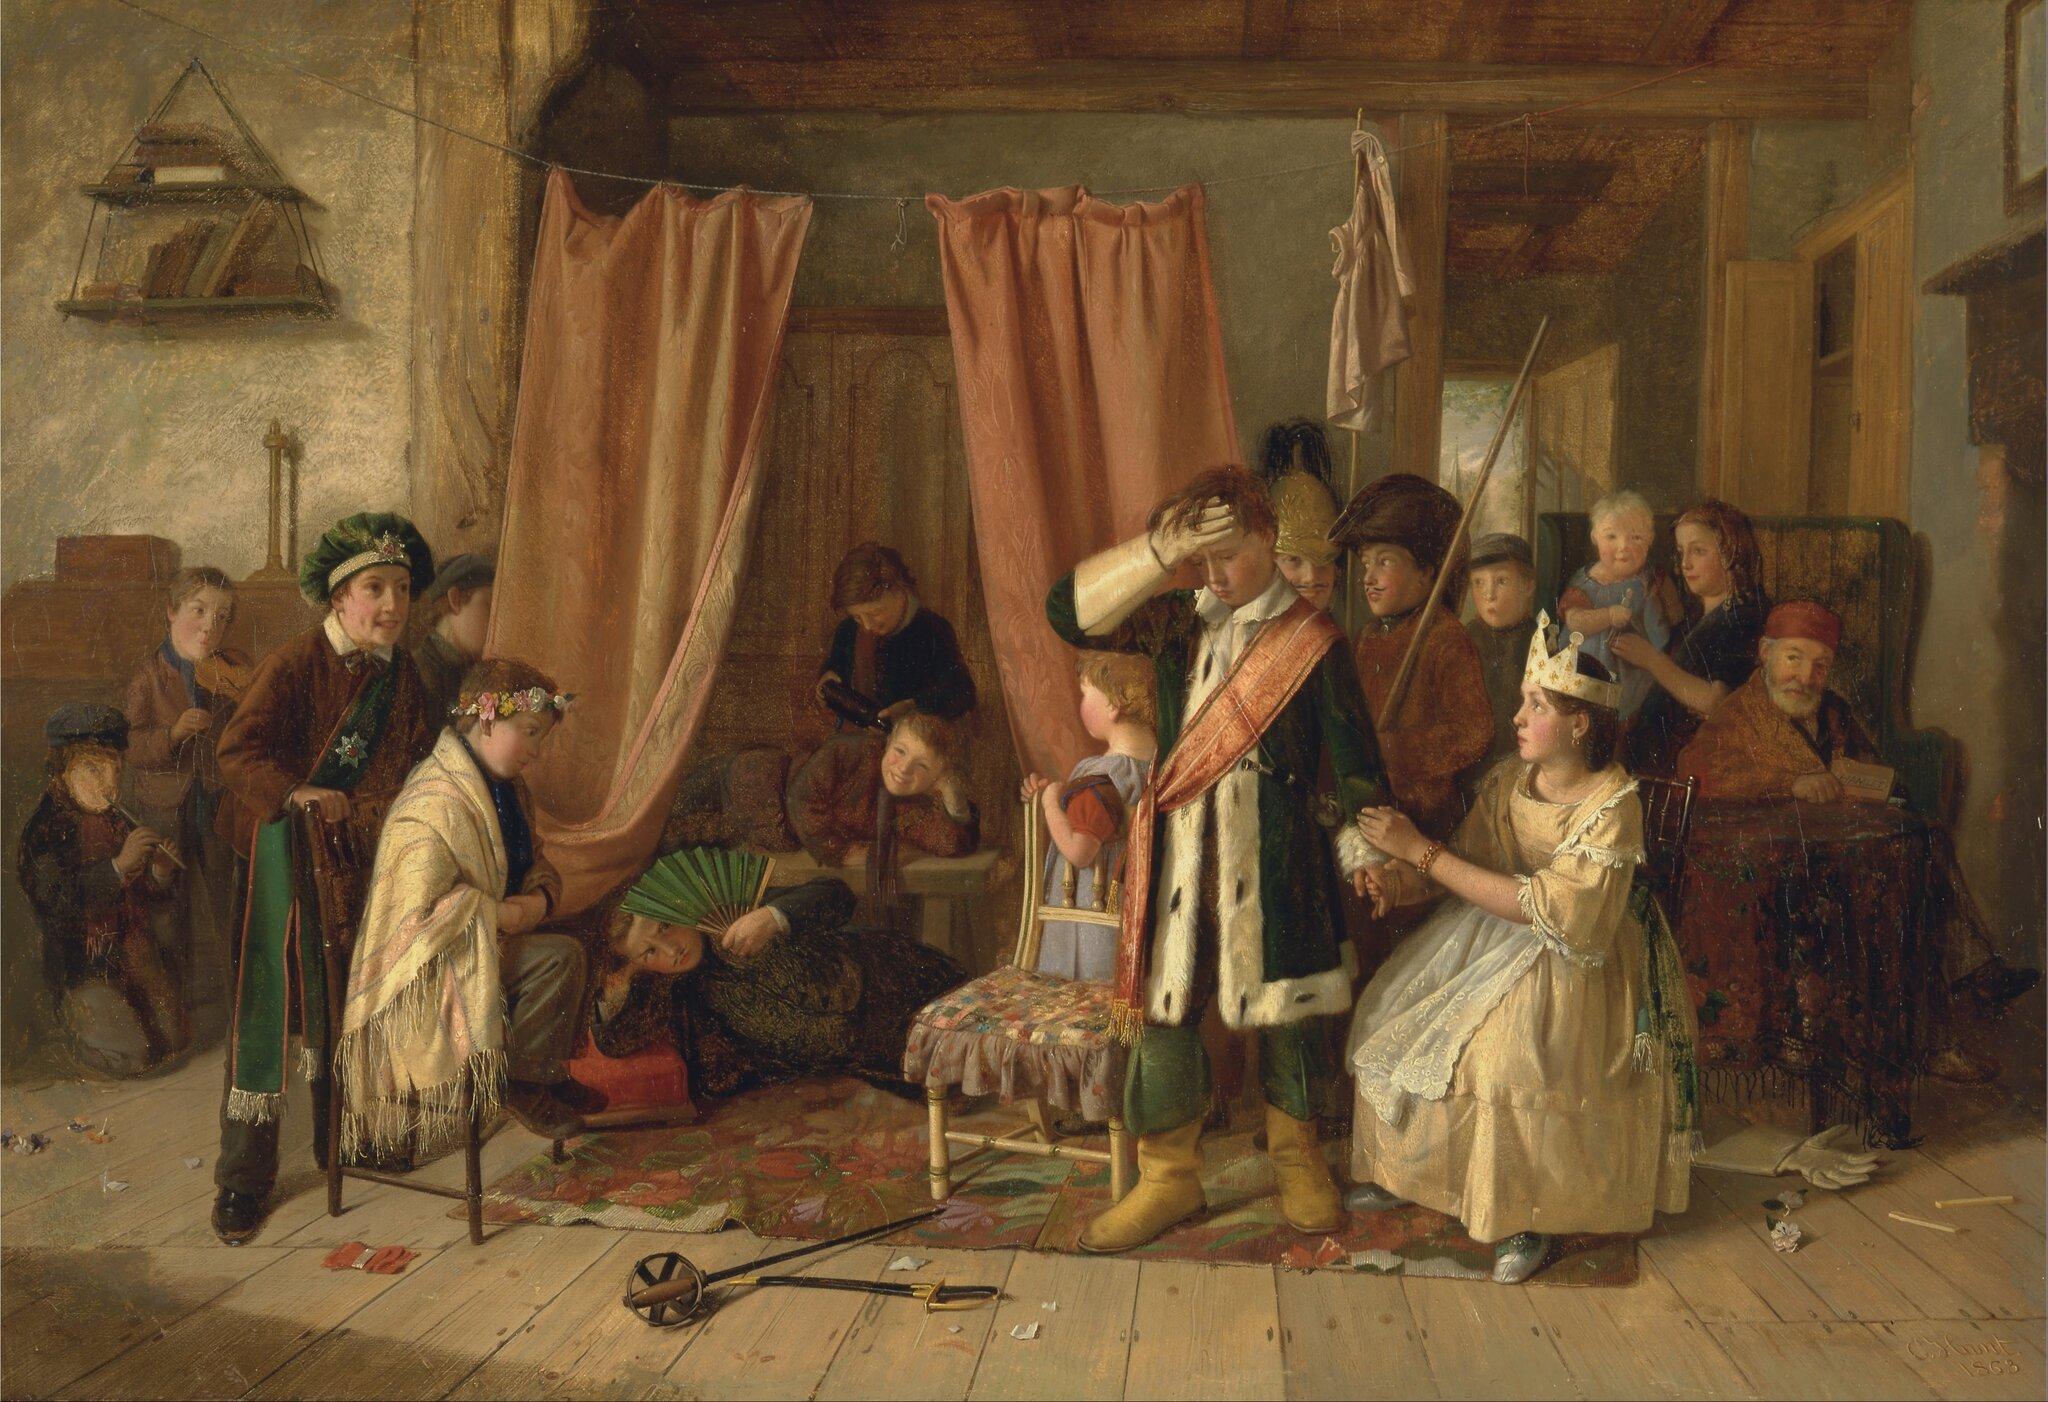 """Dzieci grające scenę z""""Hamleta"""" Źródło: Charles Hunt, Dzieci grające scenę z""""Hamleta"""", 1863, olej na płótnie, Yale Center for British Art , domena publiczna."""